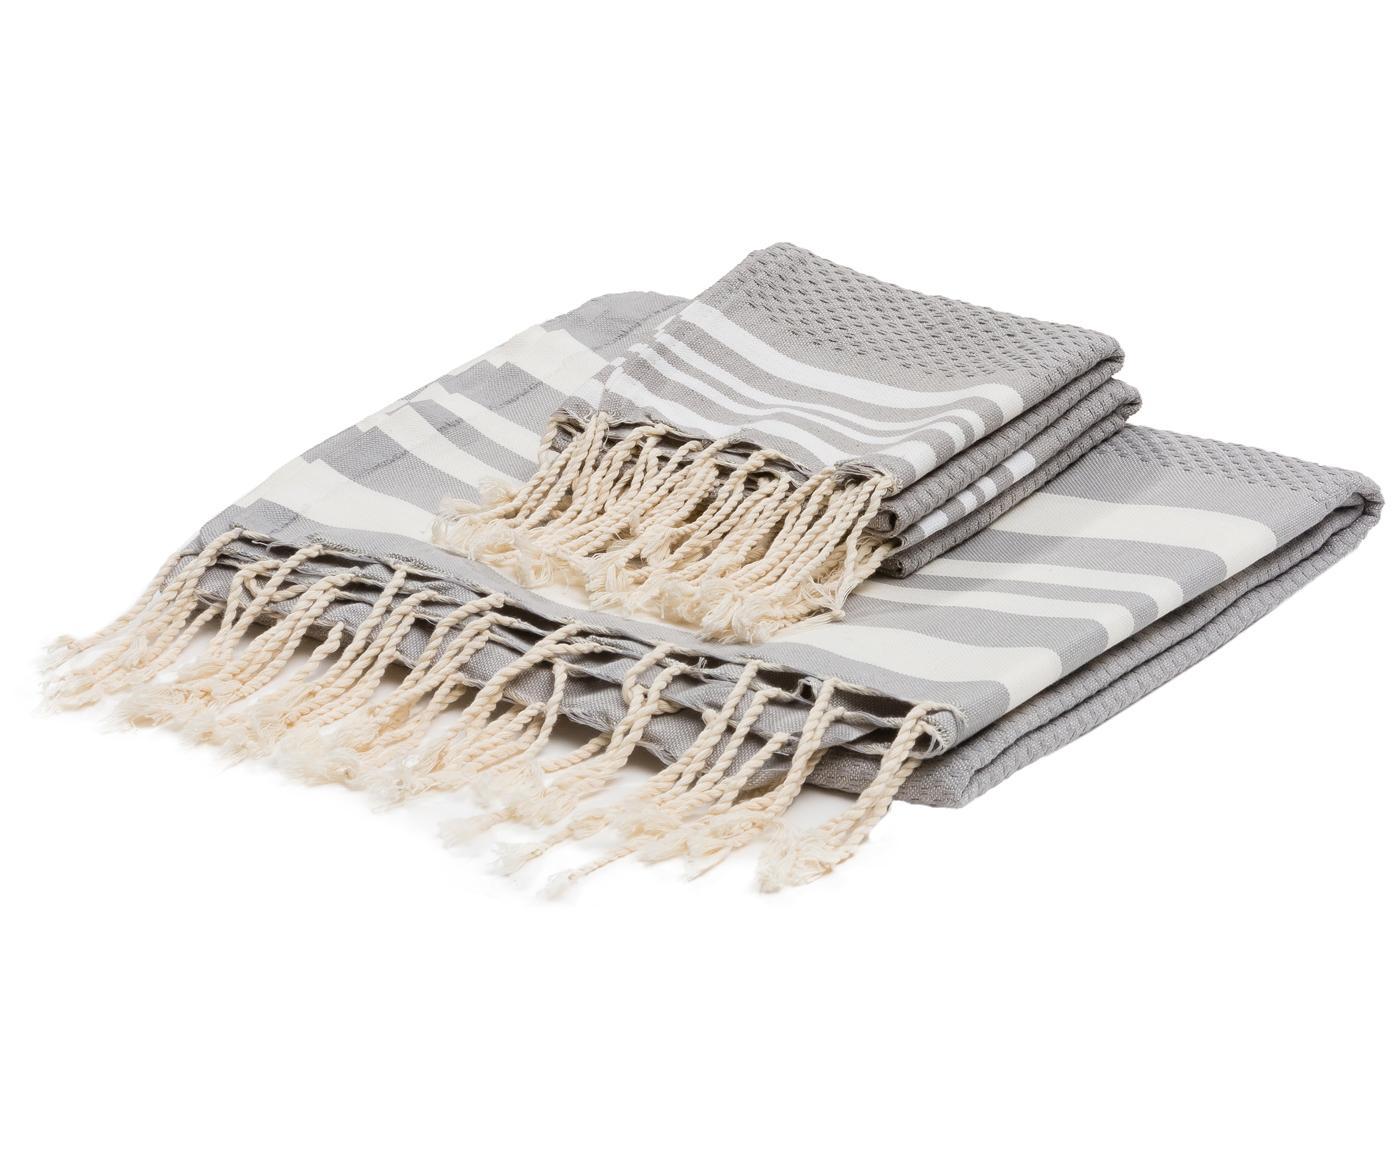 Lichte handdoekenset Hamptons, 3-delig, Katoen, zeer lichte kwaliteit, 200 g/m², Parelgrijs, wit, Verschillende formaten